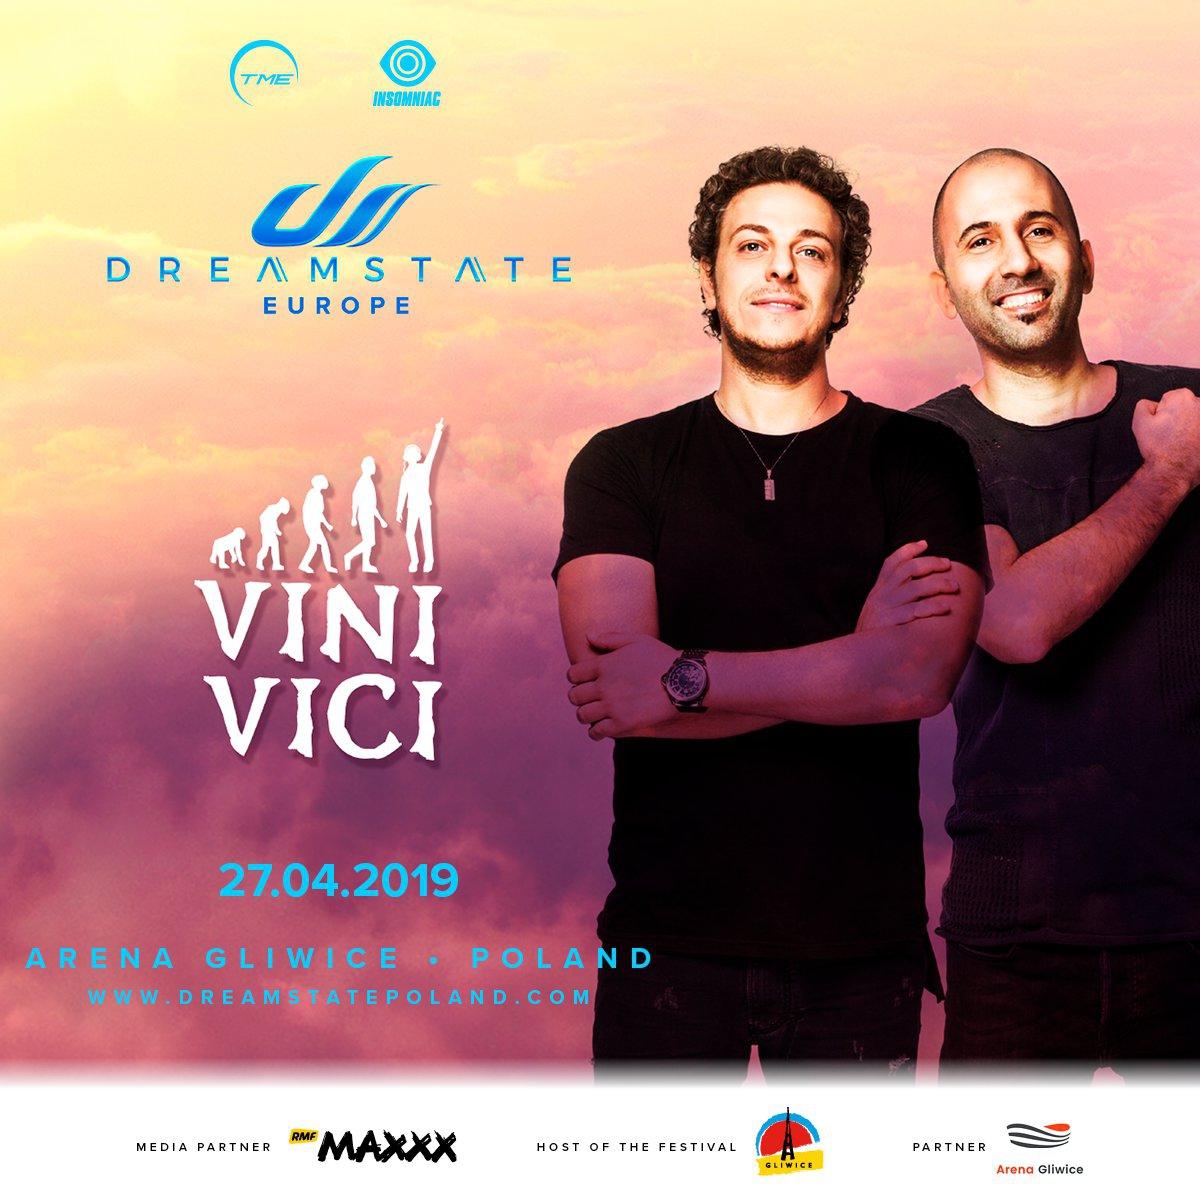 Dreamstate Europe 2019 : Niespodzianka od organizatorów! Do grona artystów dołącza duet Vini Vici!